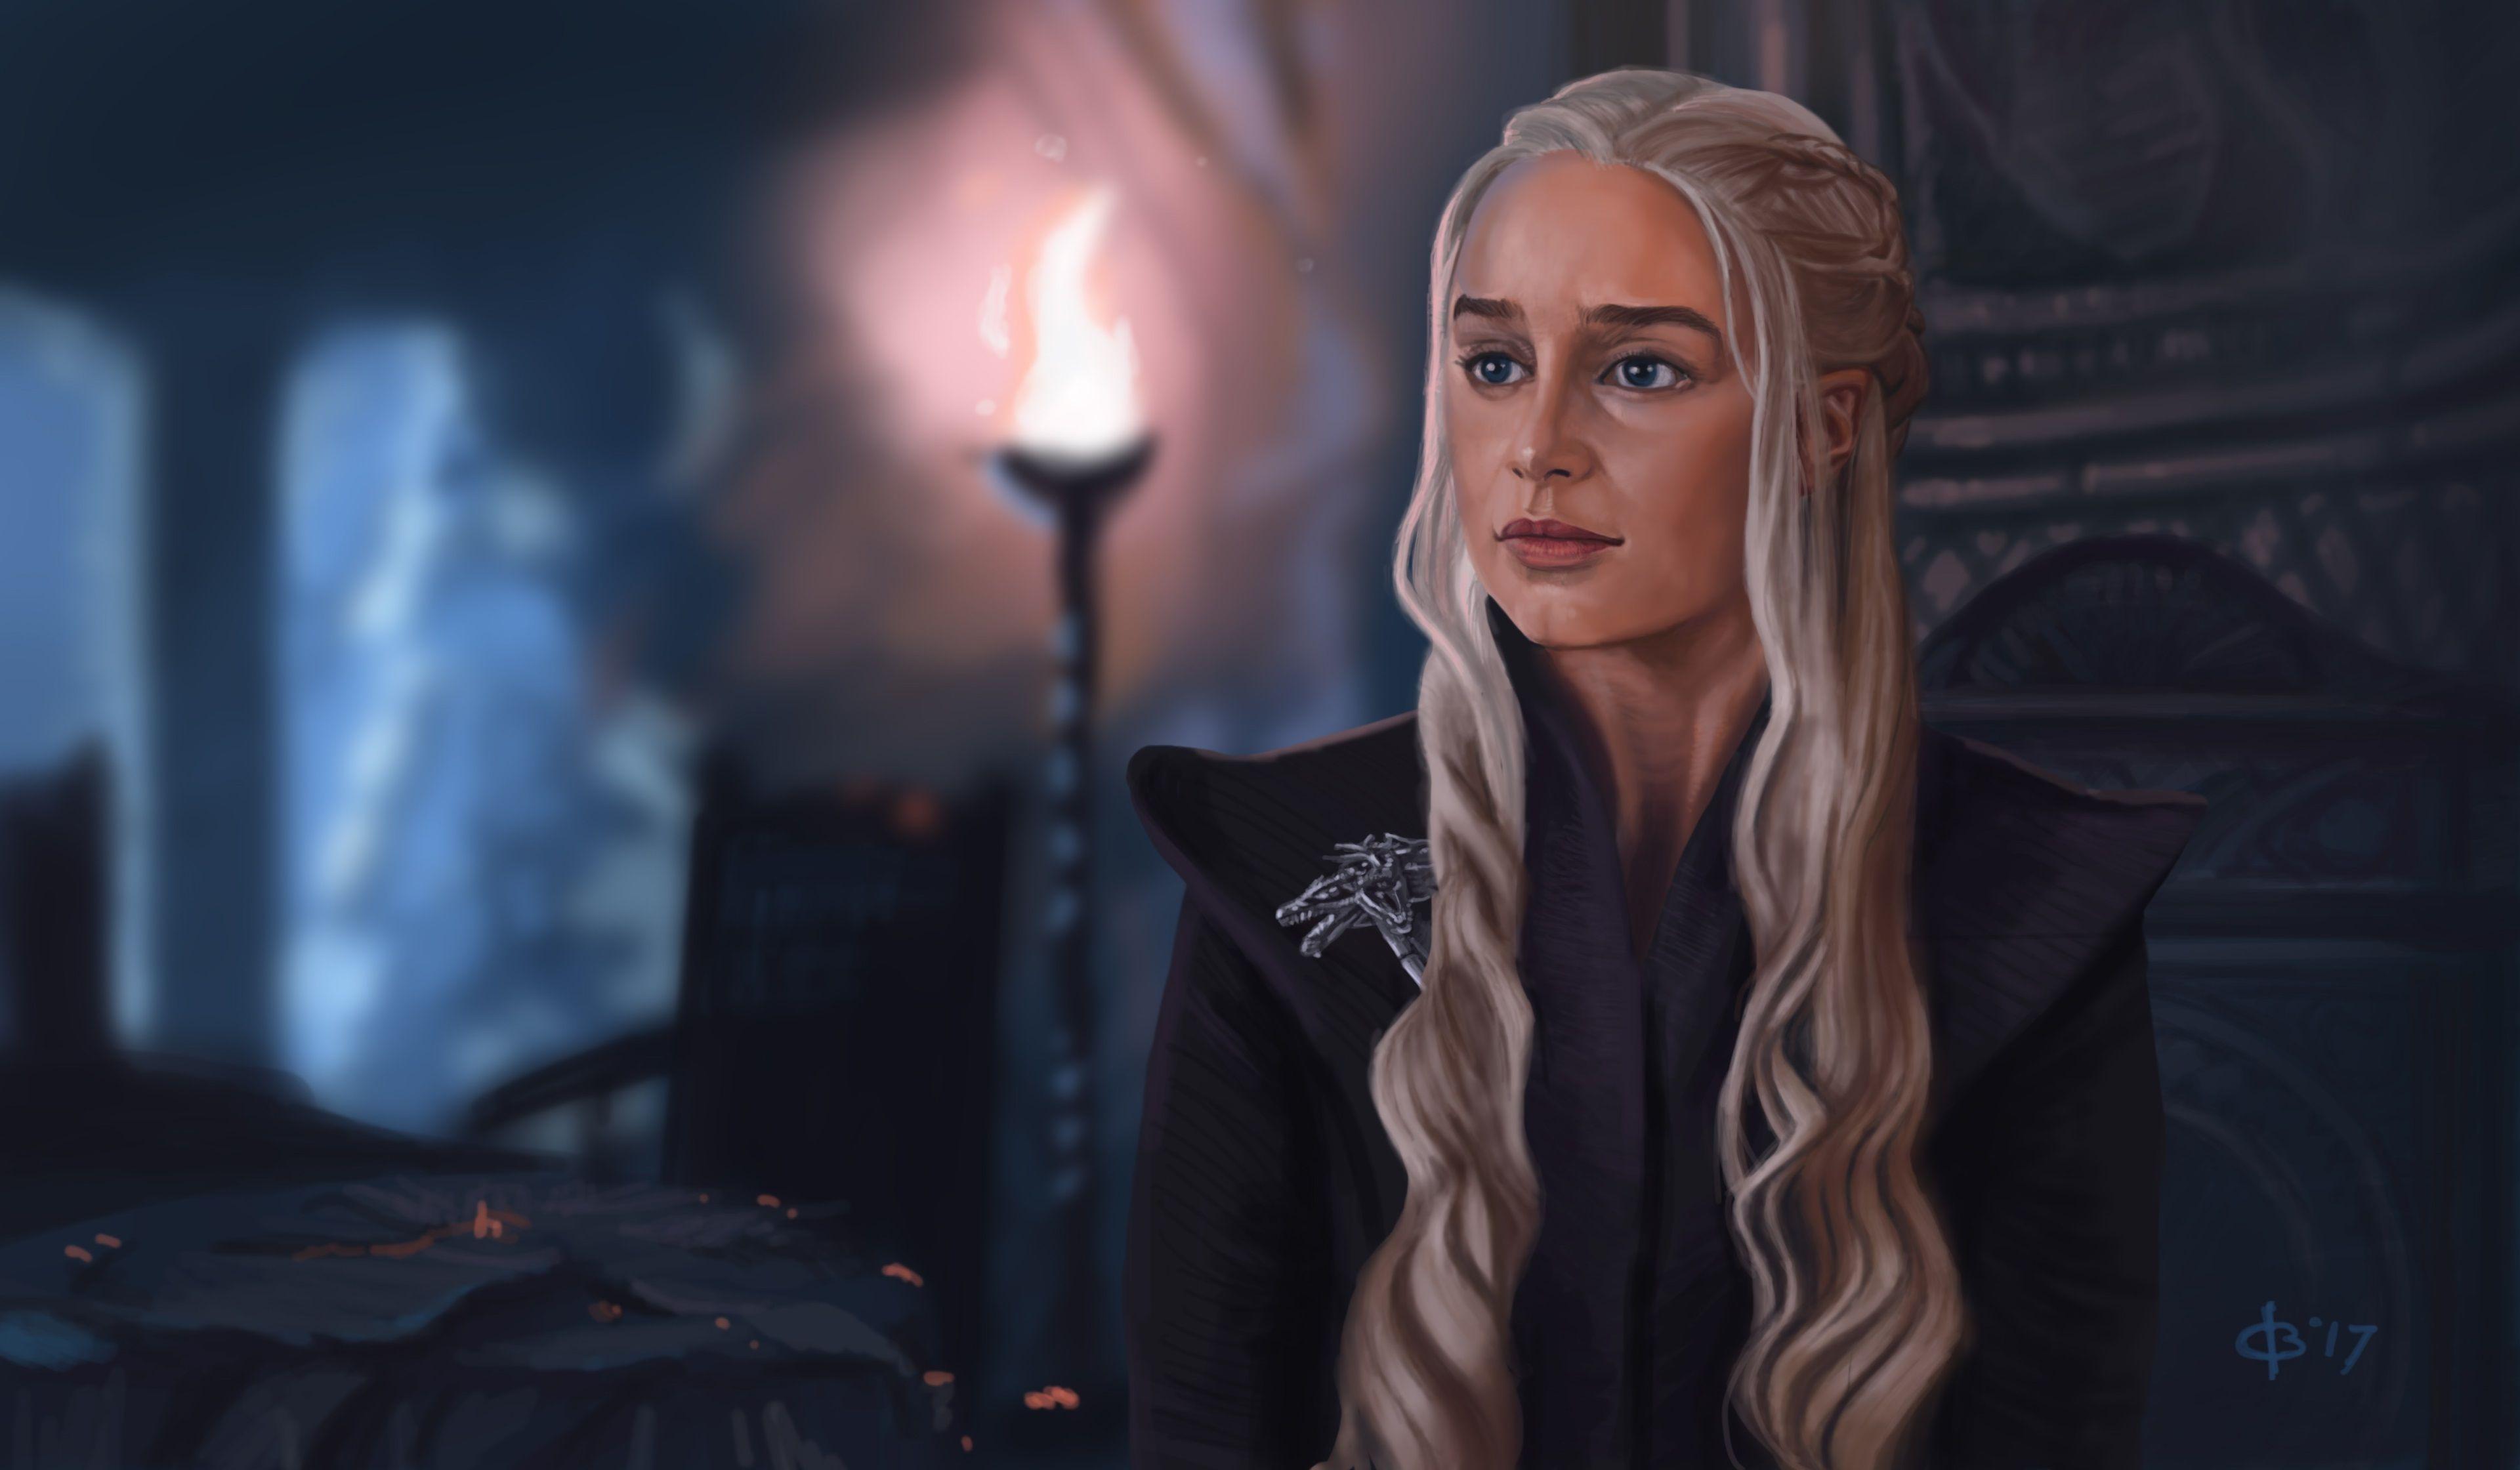 3840x2240 Daenerys Targaryen 4k Hq Desktop Wallpaper In 2019